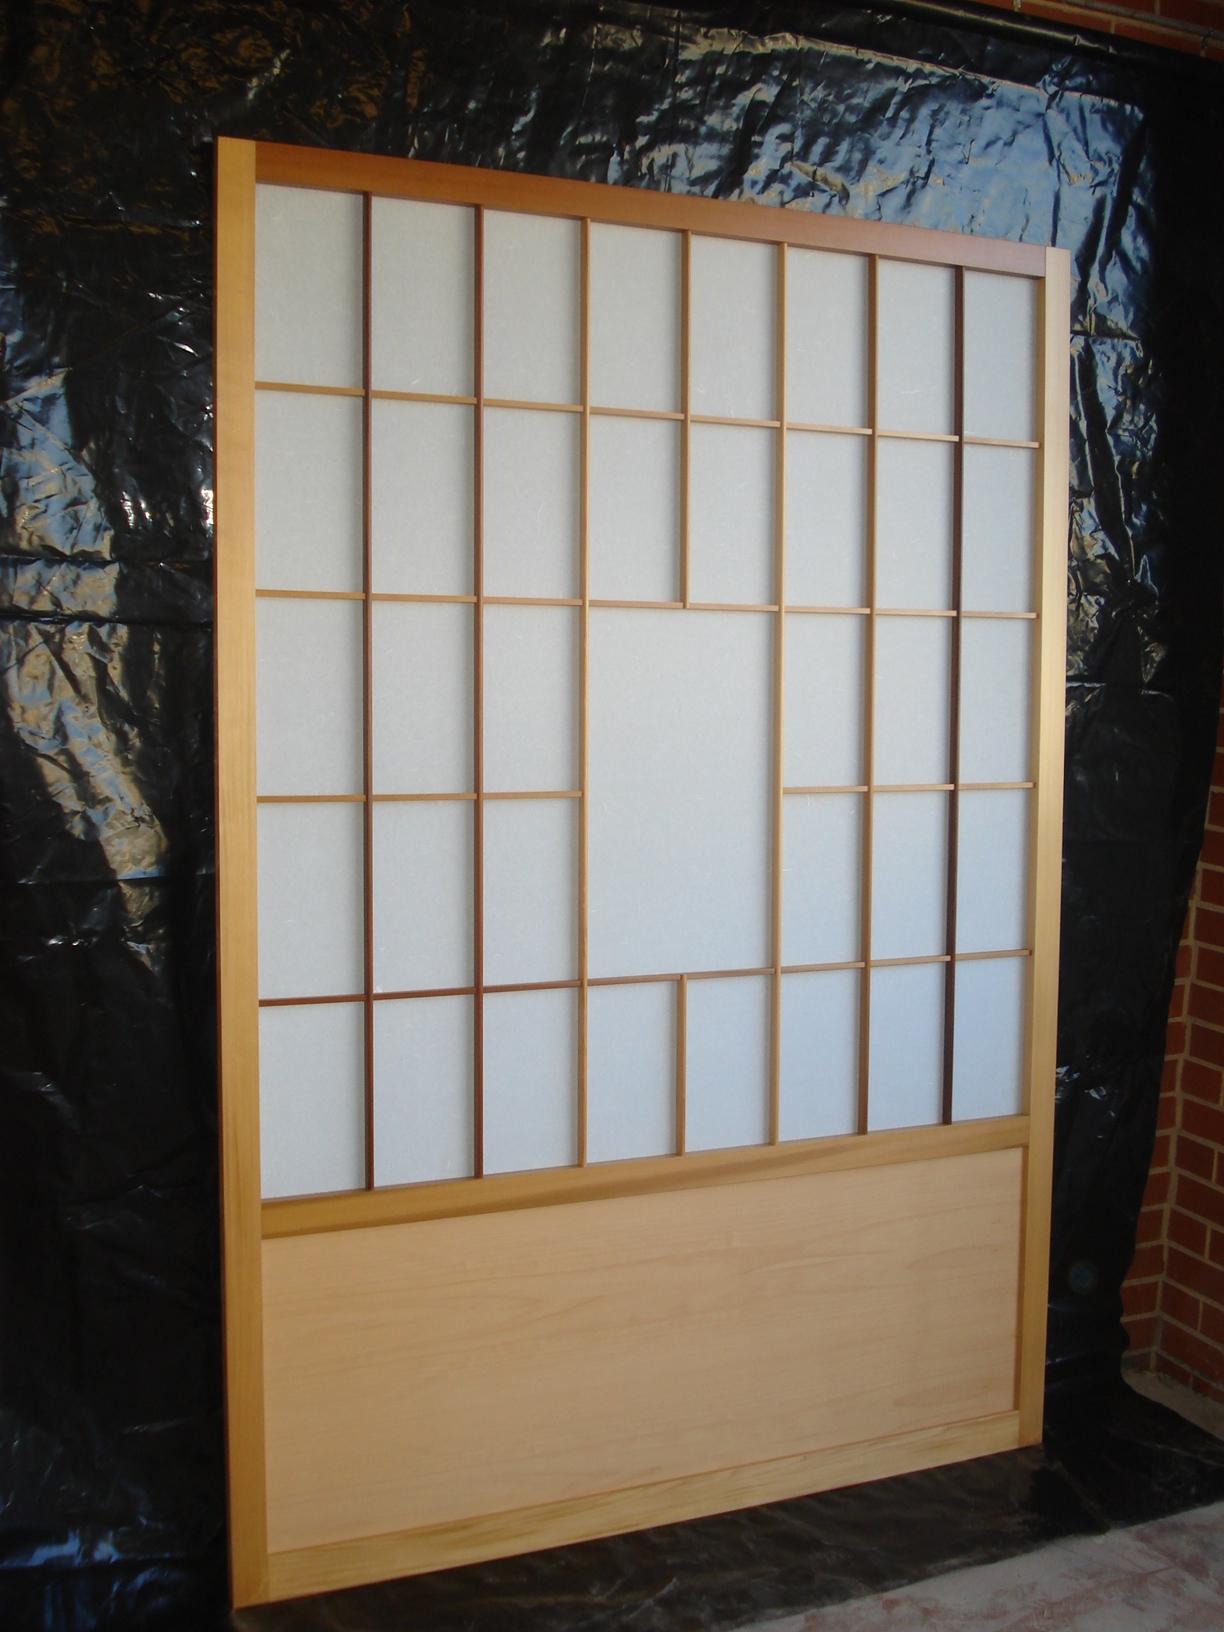 Wooden Divider Screen